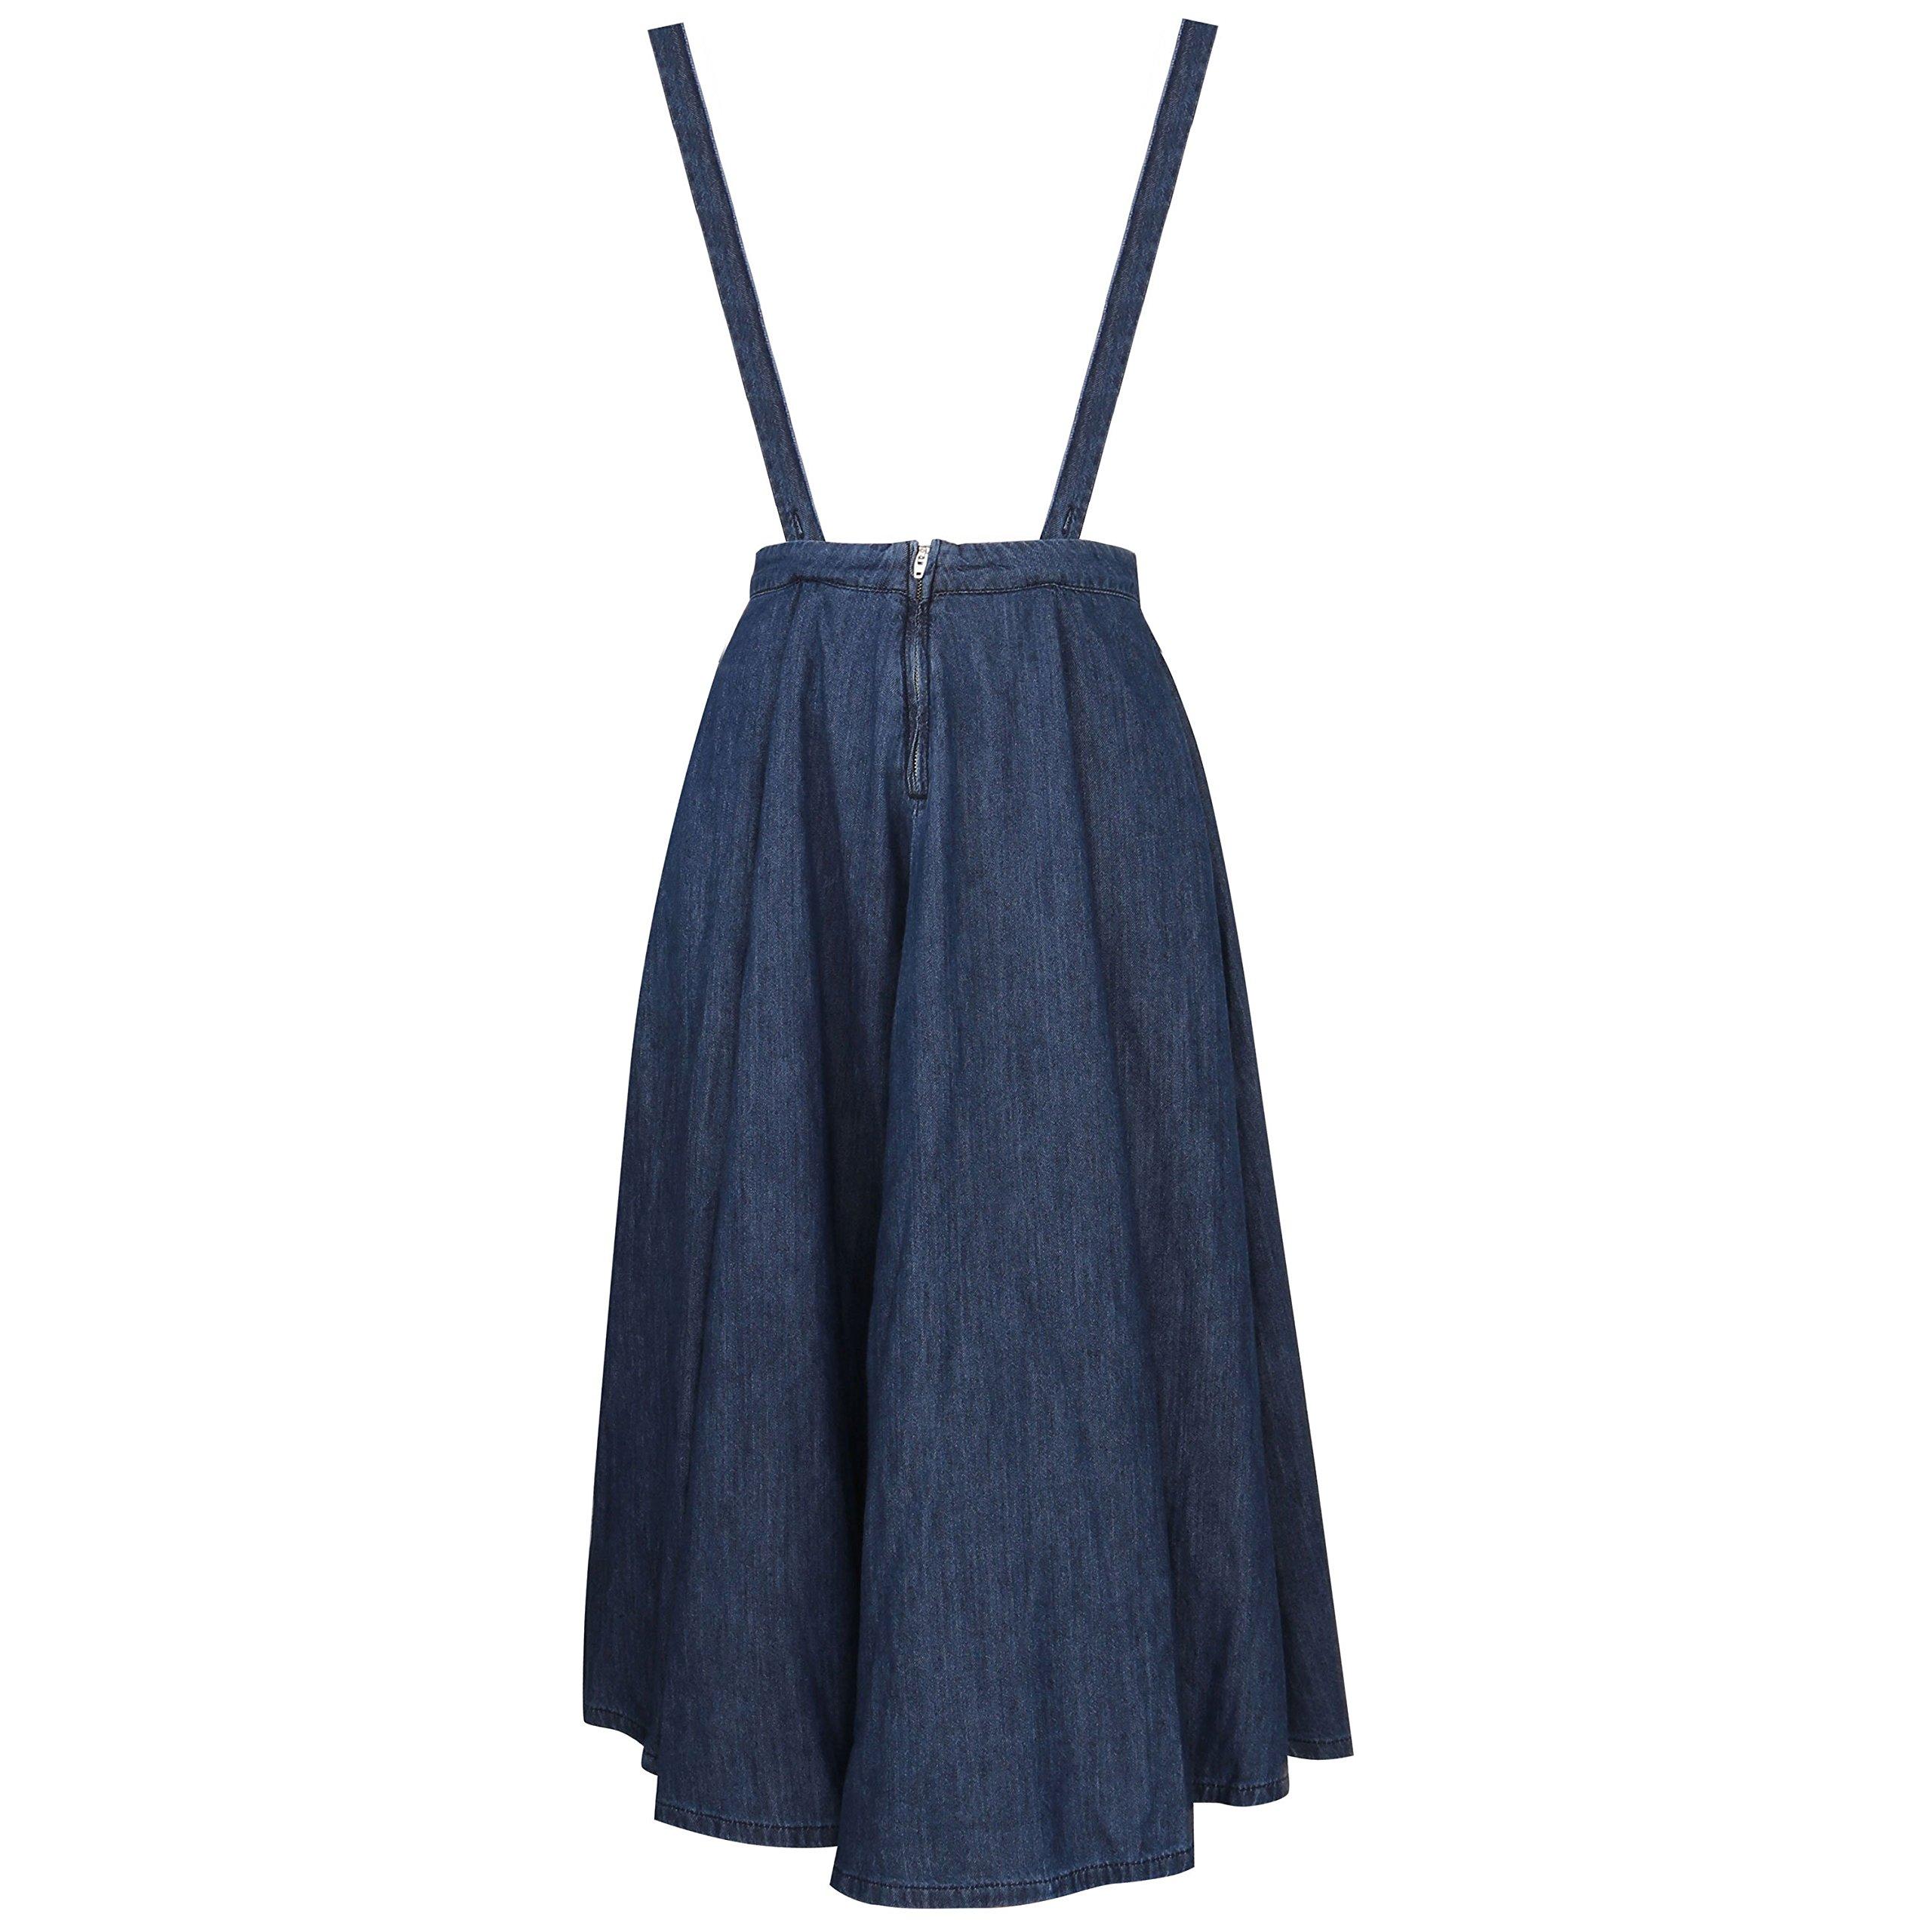 JNTworld Women Mid Rise Halter Straps Denim Skirt Swing Maxi Dress, X-Large, Blue